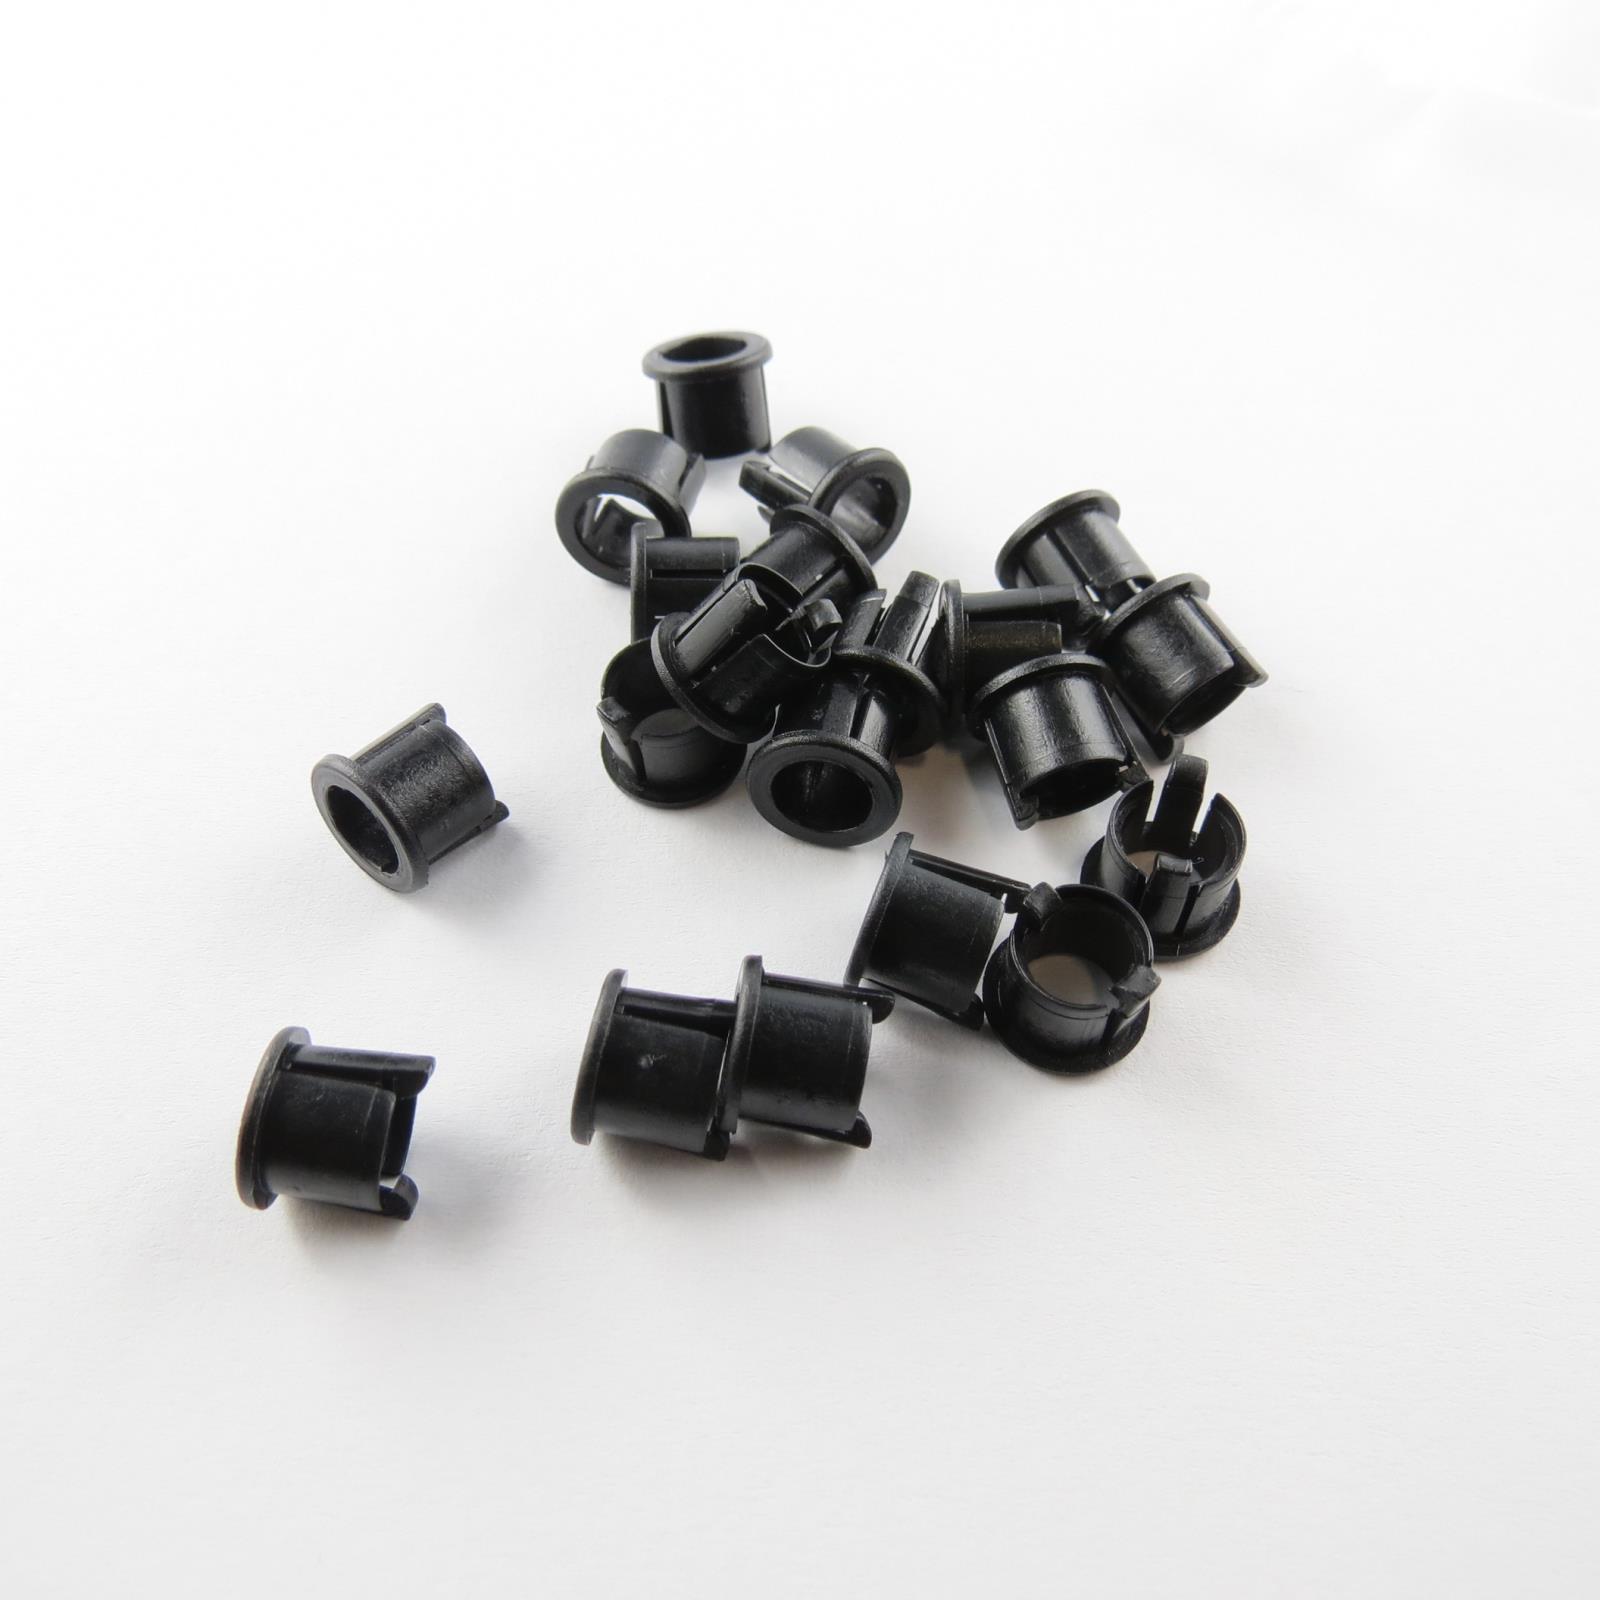 1x-schwarze-Ledfassungen-fuer-5mm-Leds-Led-Fassung-Montageringe-Kunststoff-Ring